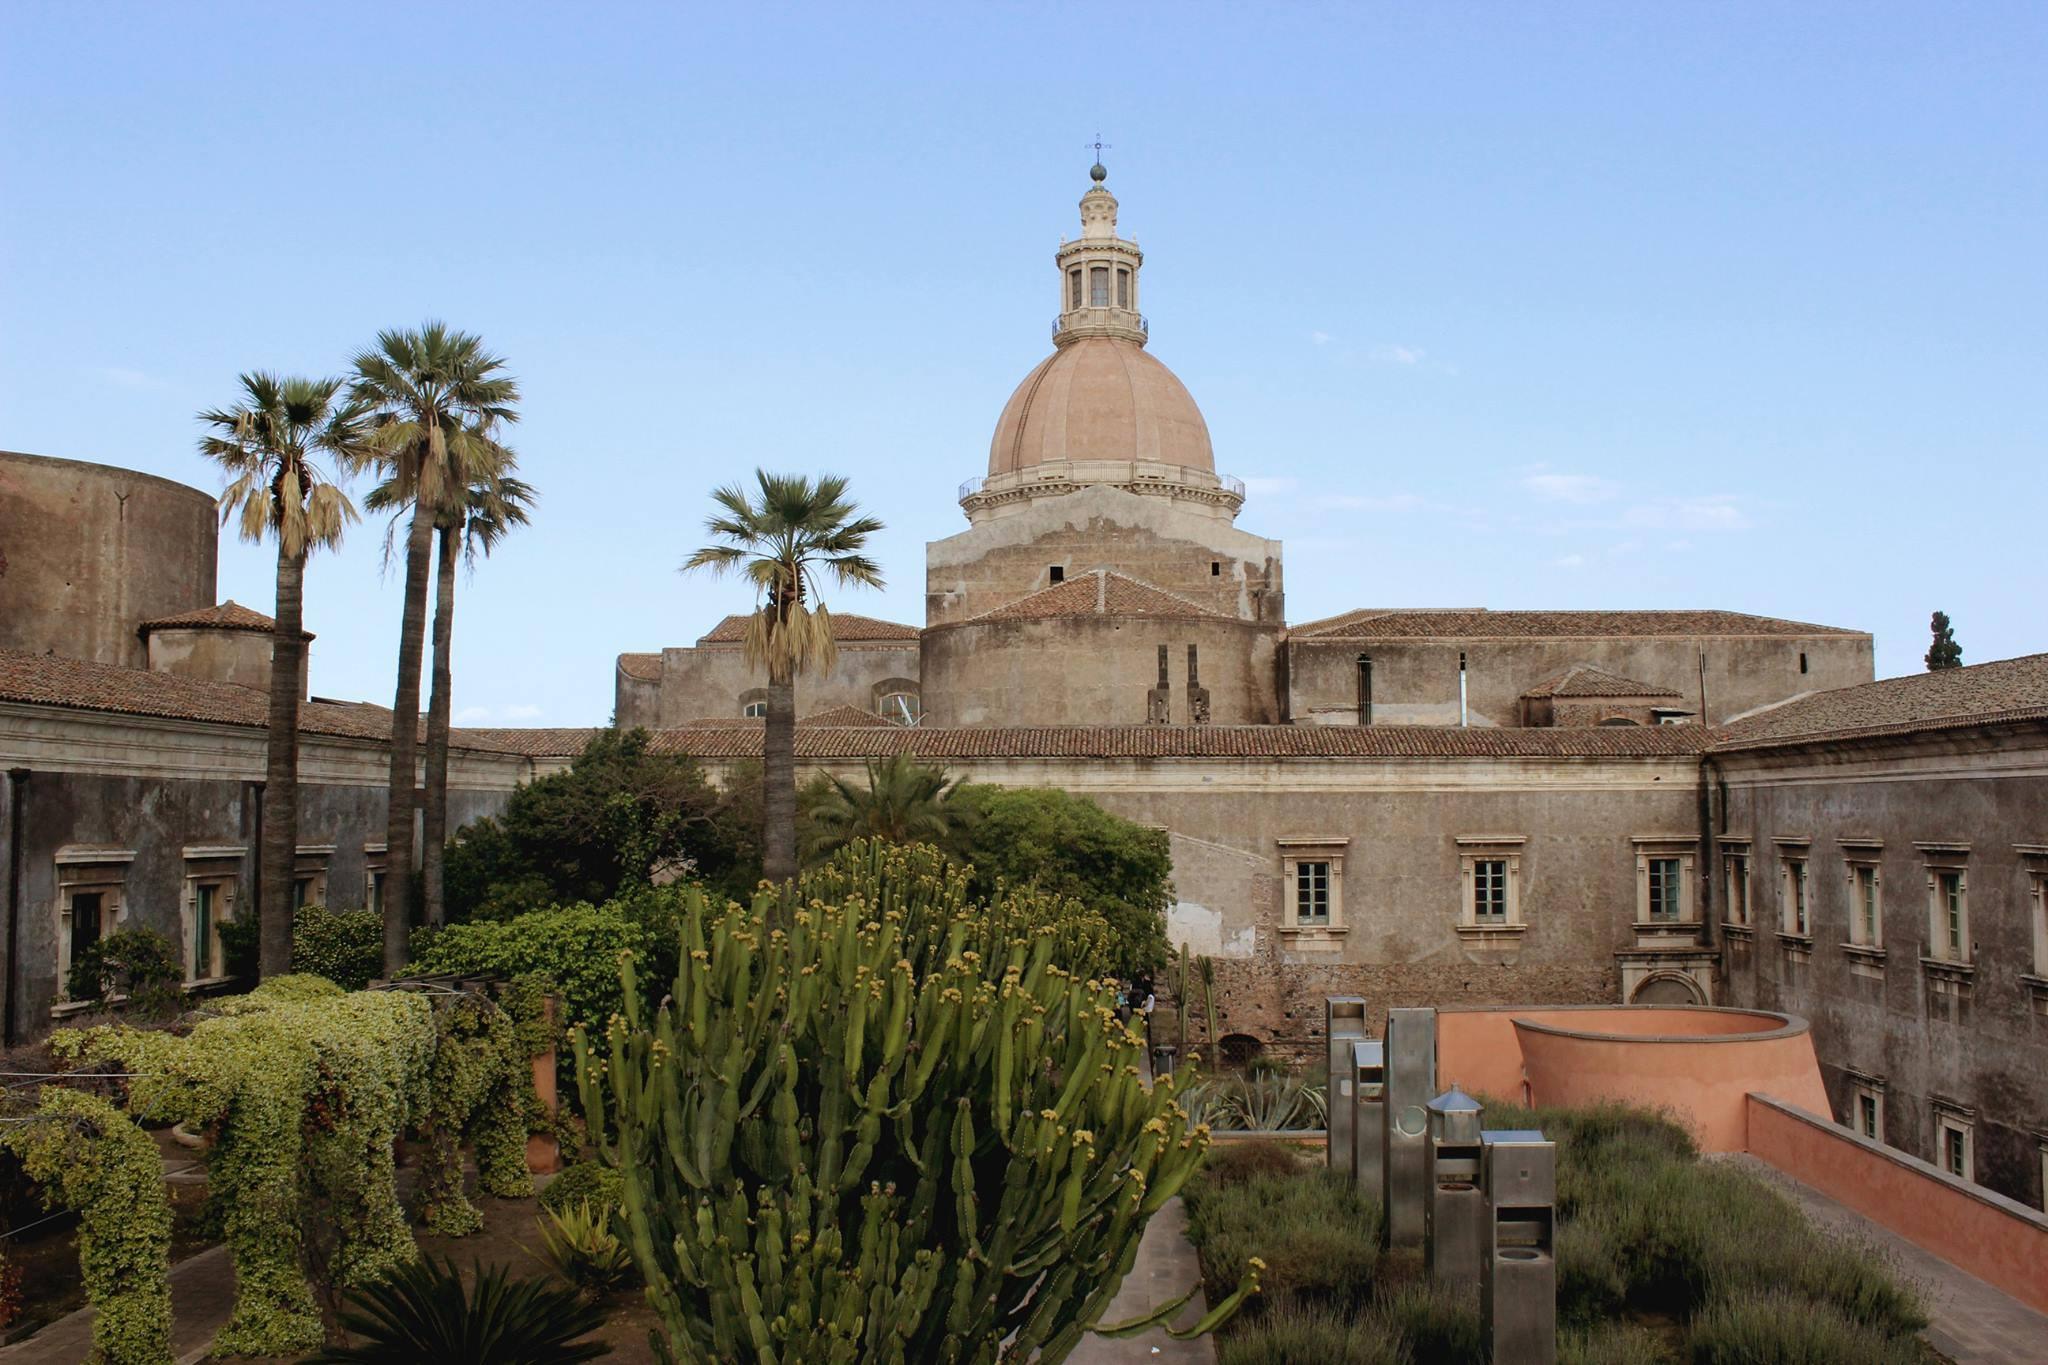 Monastero dei Benedettini di San Nicolò l'Arena - Catania